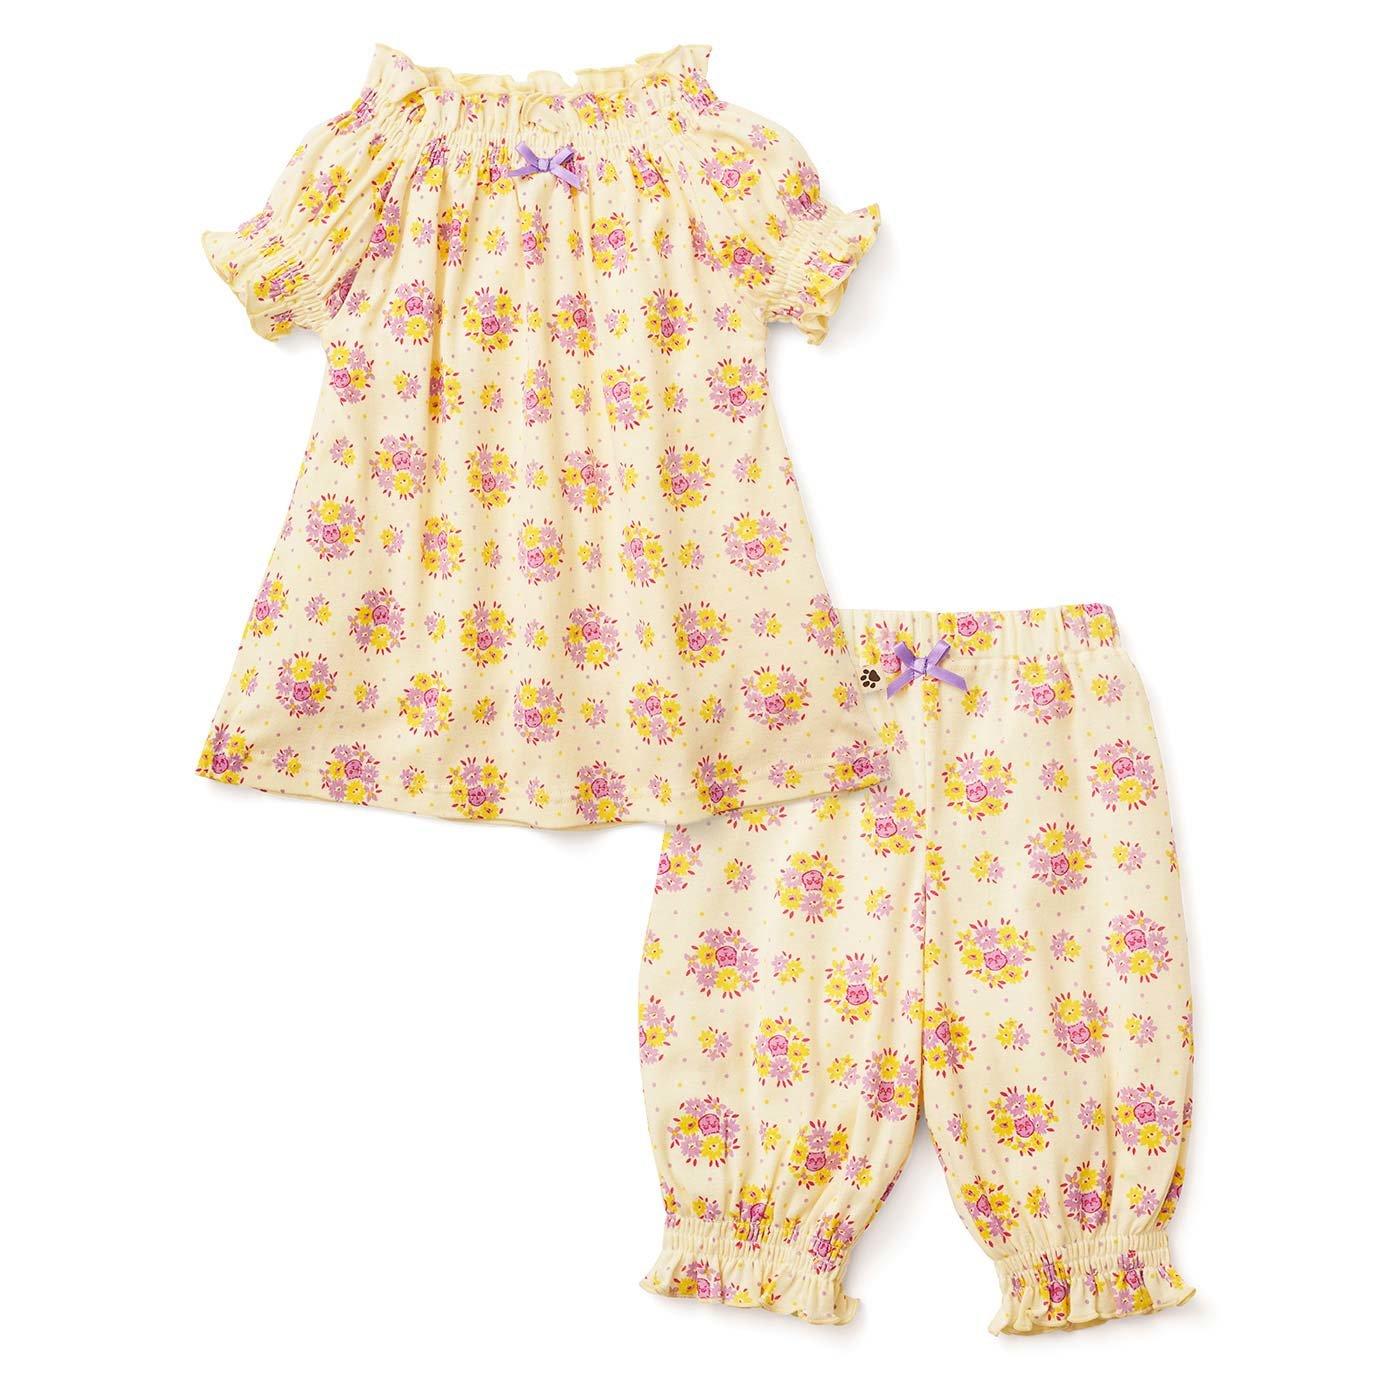 フェリシモキッズ×猫部 お花柄の中に猫がひそむパジャマ〈ガールズ〉〈イエロー〉